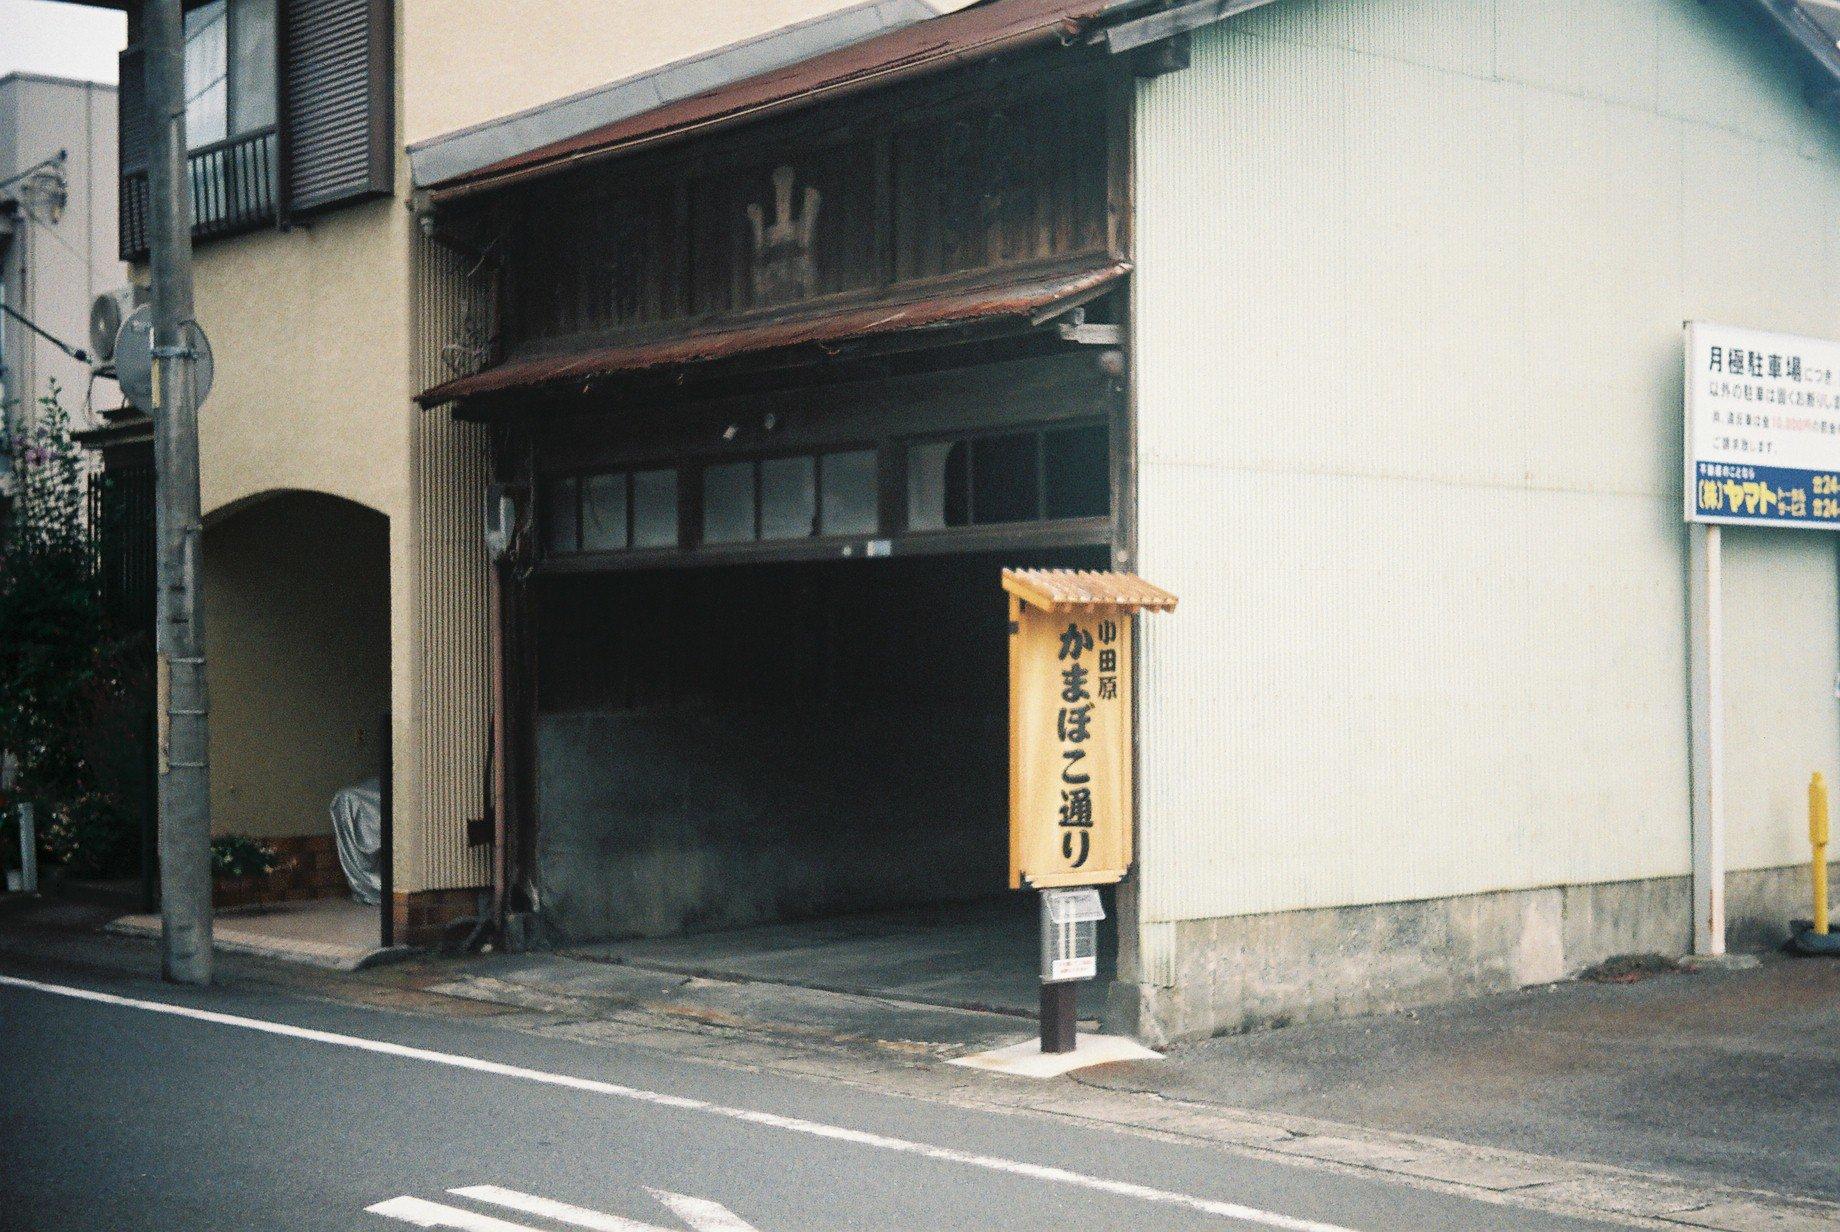 summar9001